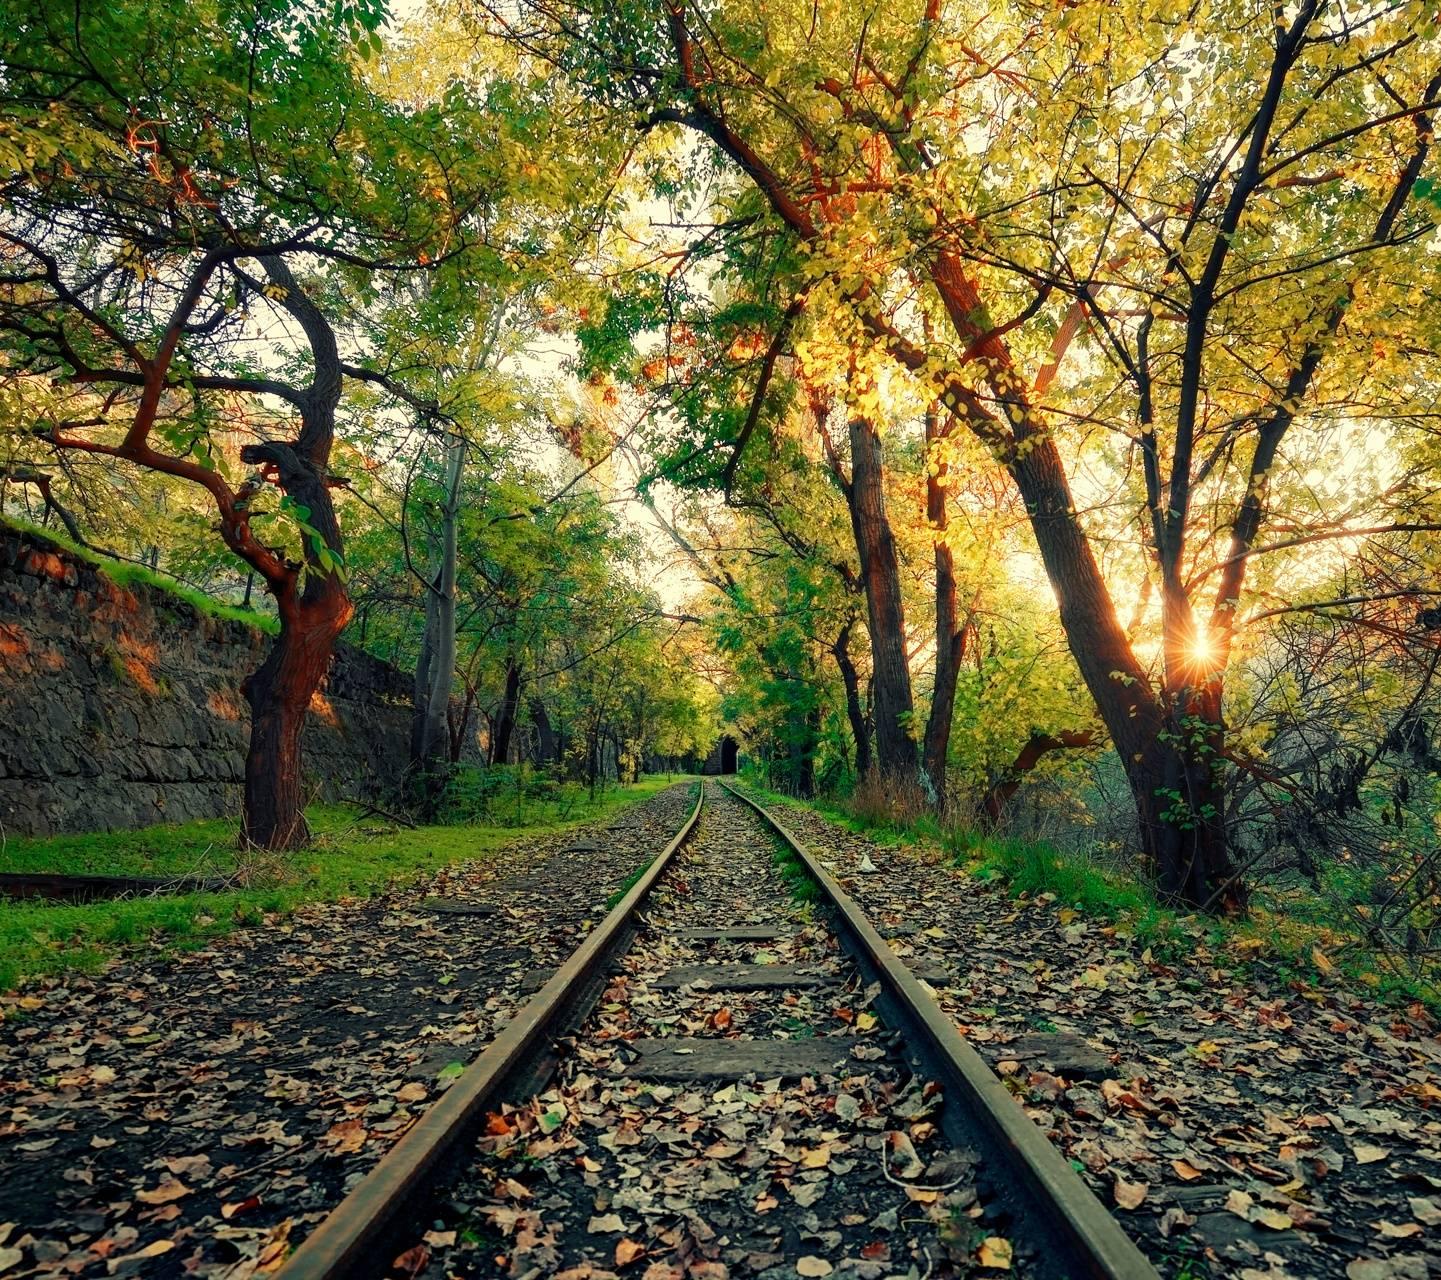 Autumn Railway